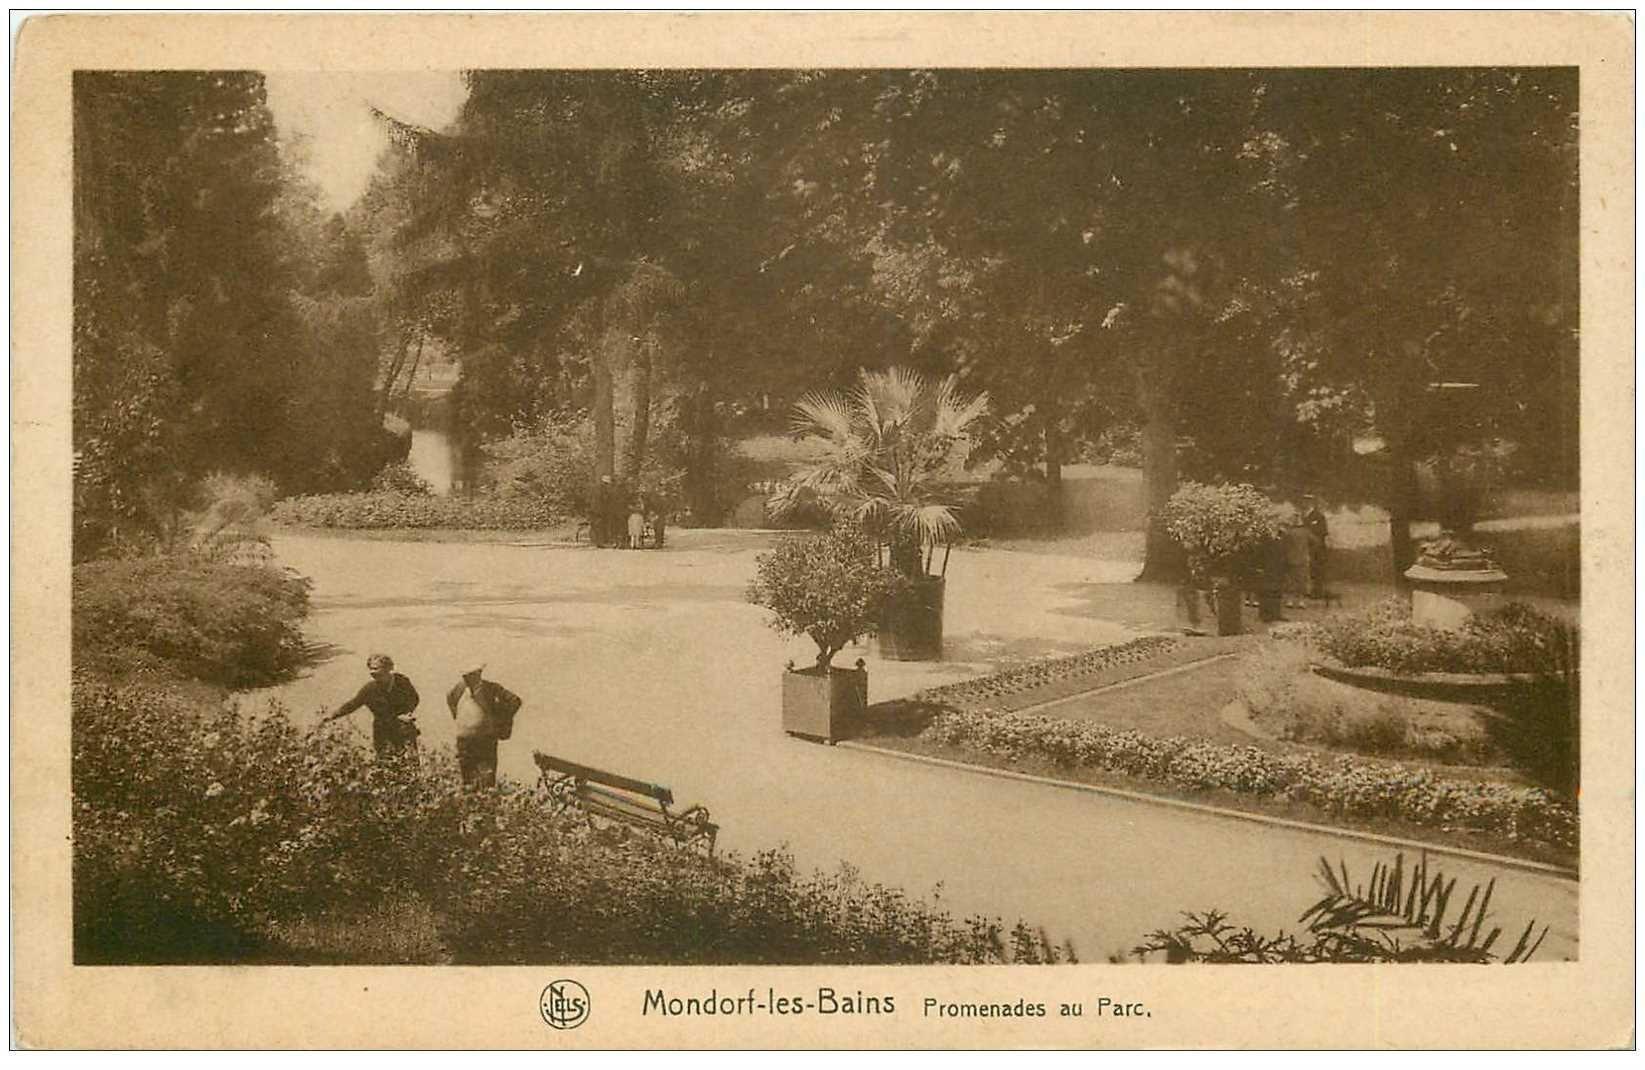 carte postale ancienne Luxembourg. MONDORF-LES-BAINS. Promenades au Parc 1933